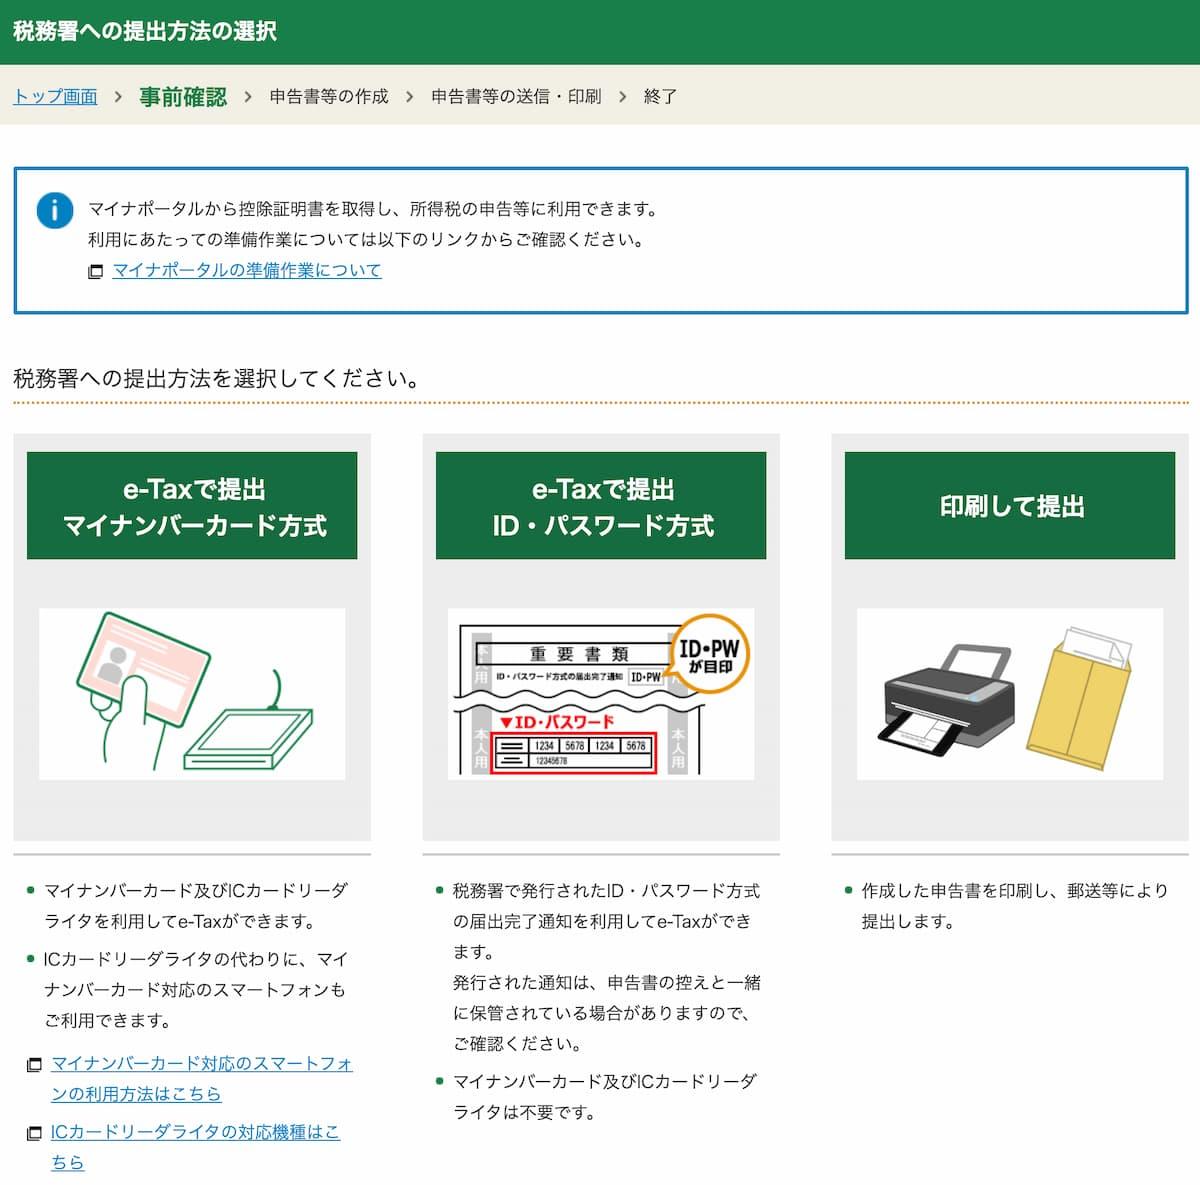 「e-Taxで提出 ID・パスワード方式」をクリック